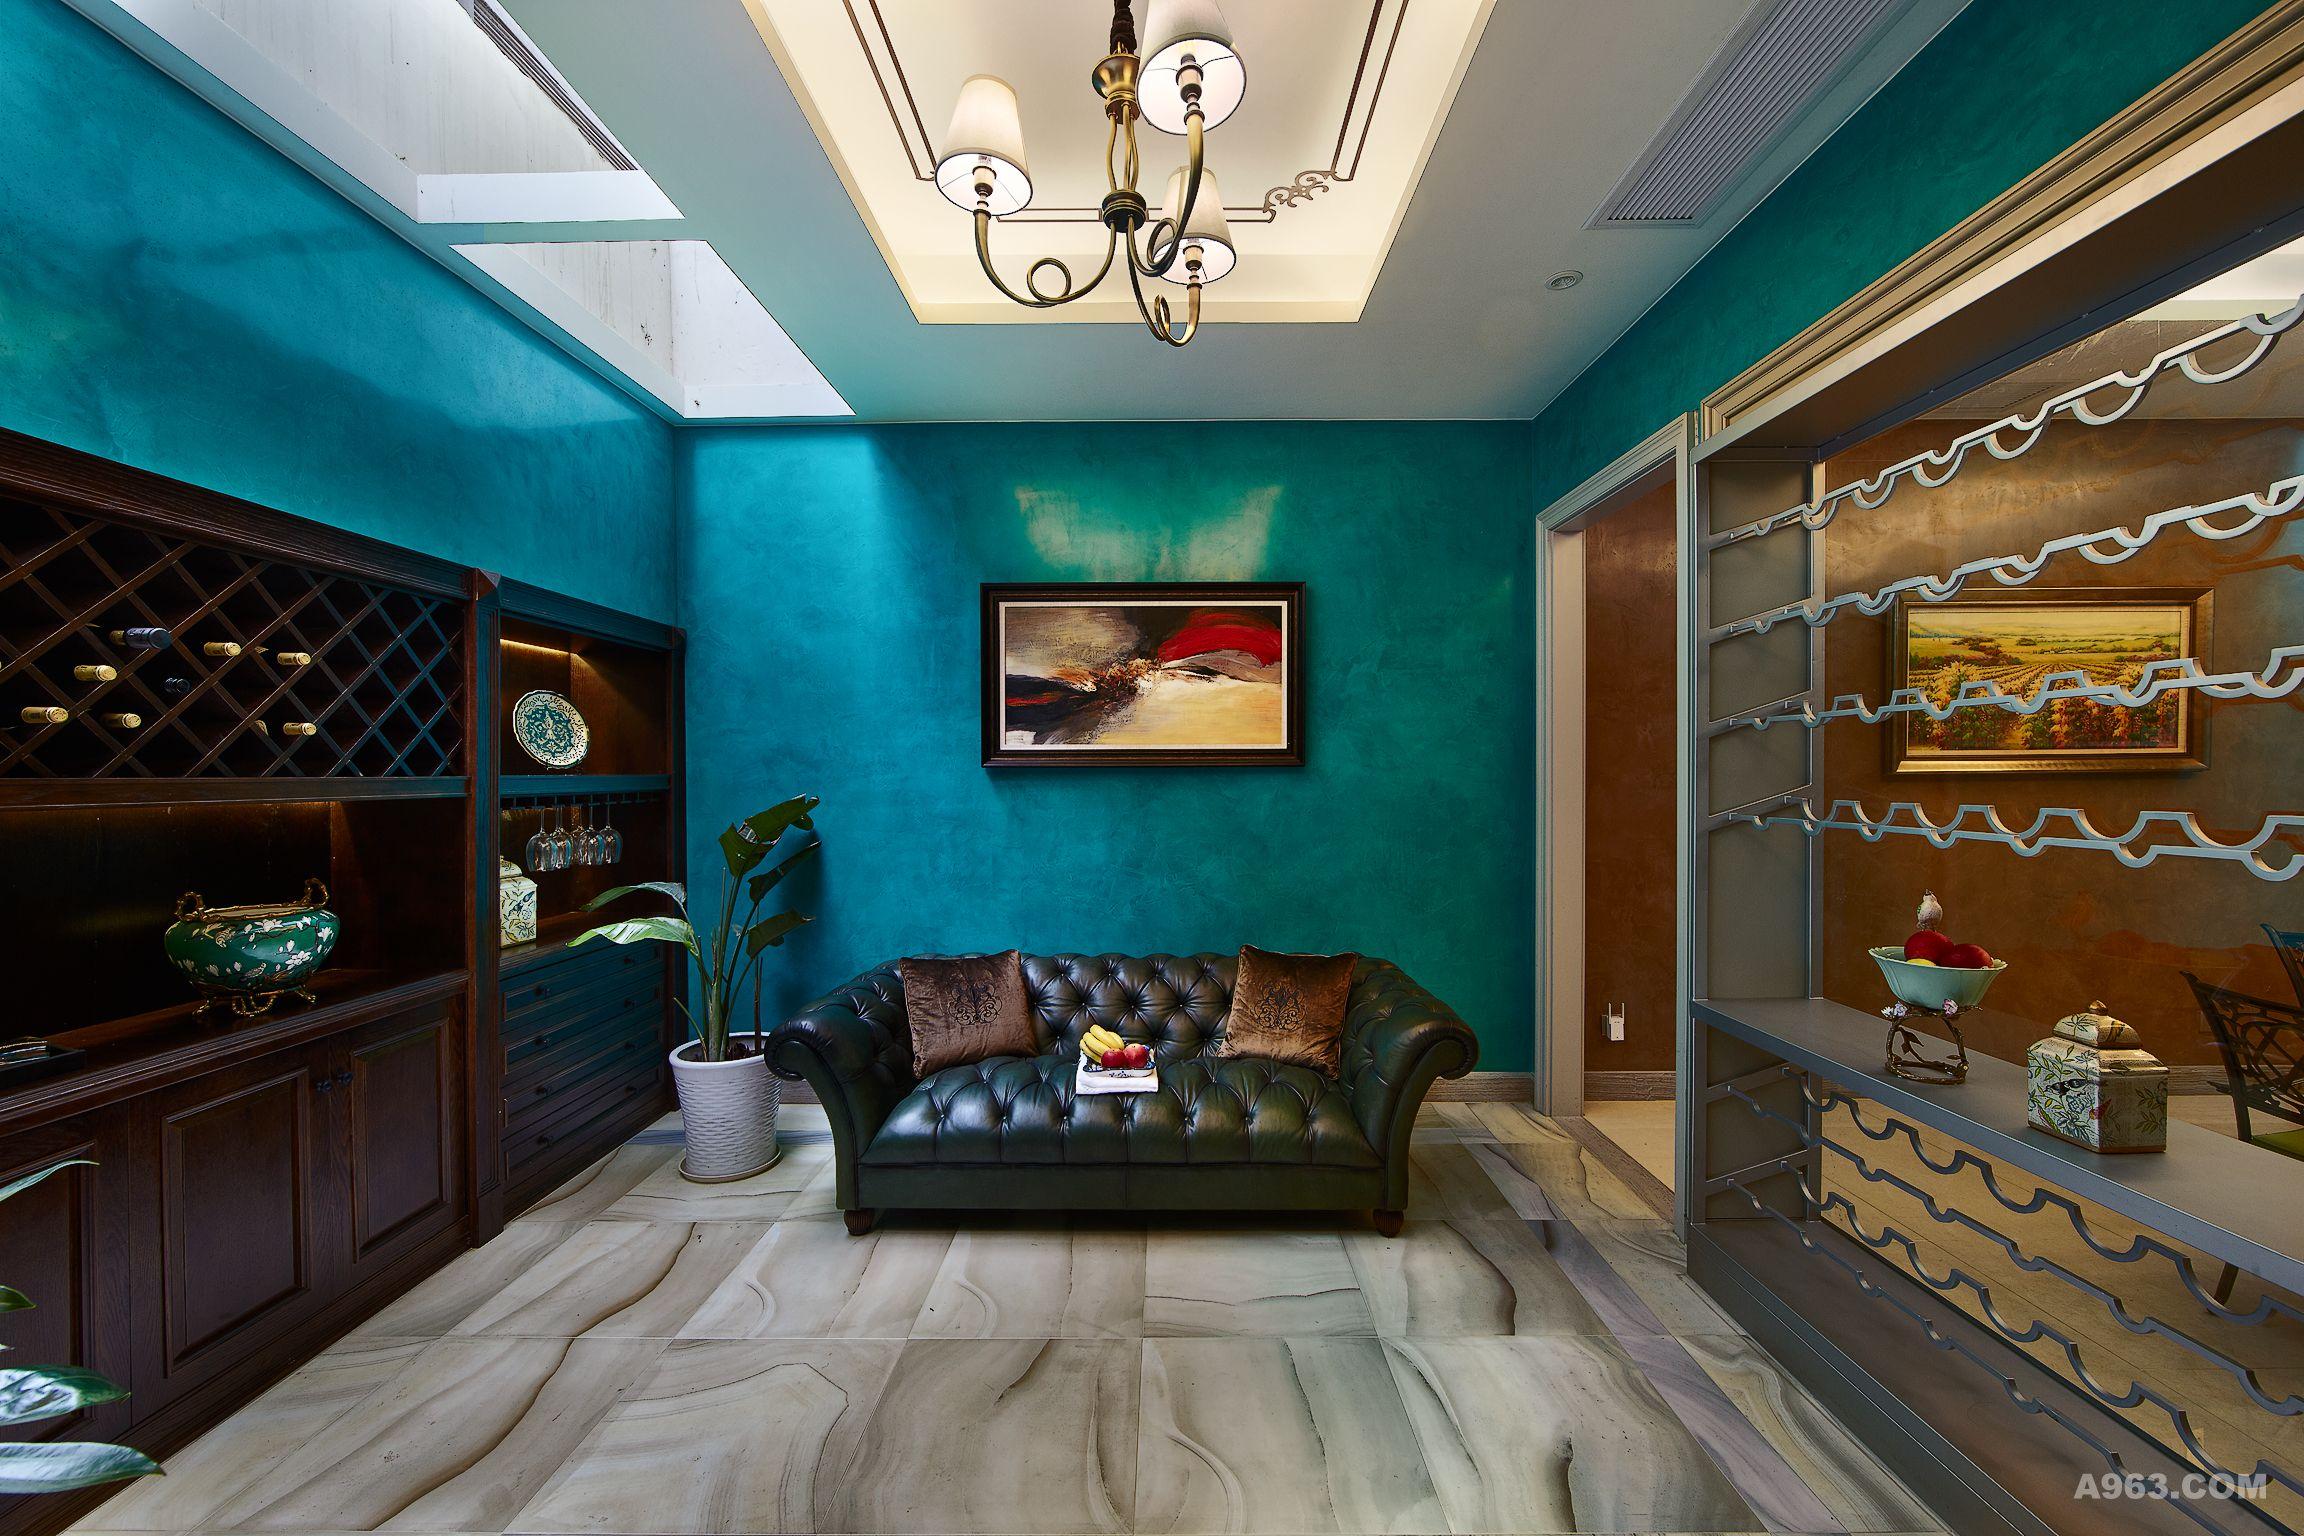 弥尔顿蓝调 - 别墅豪宅 - 第2页 - 茅凤设计作品案例